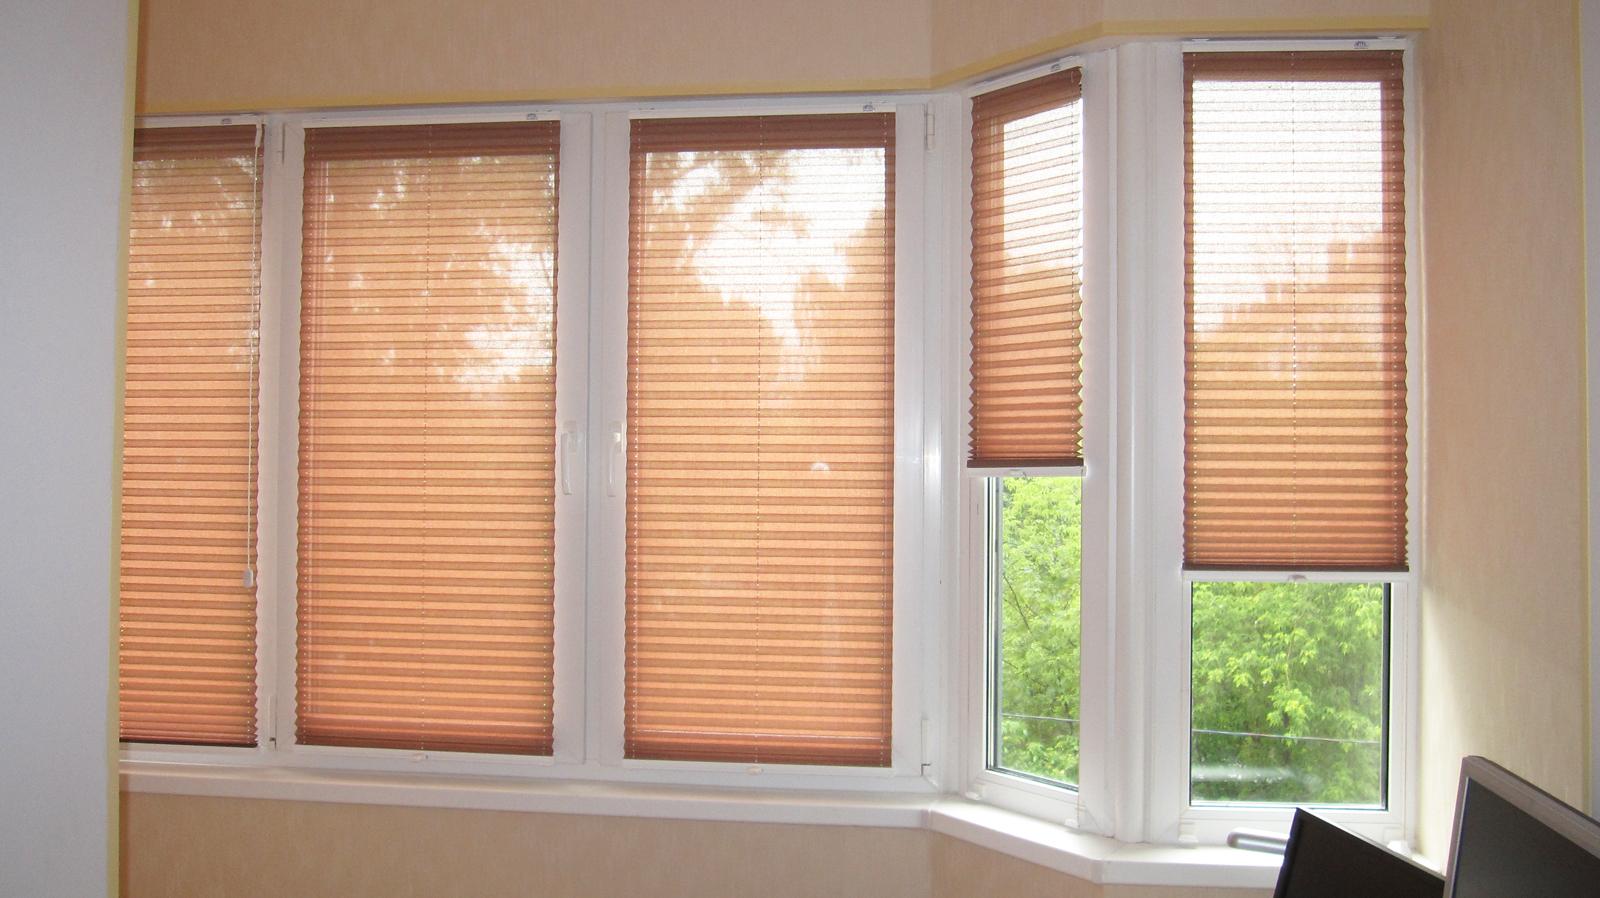 Оформление окон и защита от солнца с установкой жалюзи